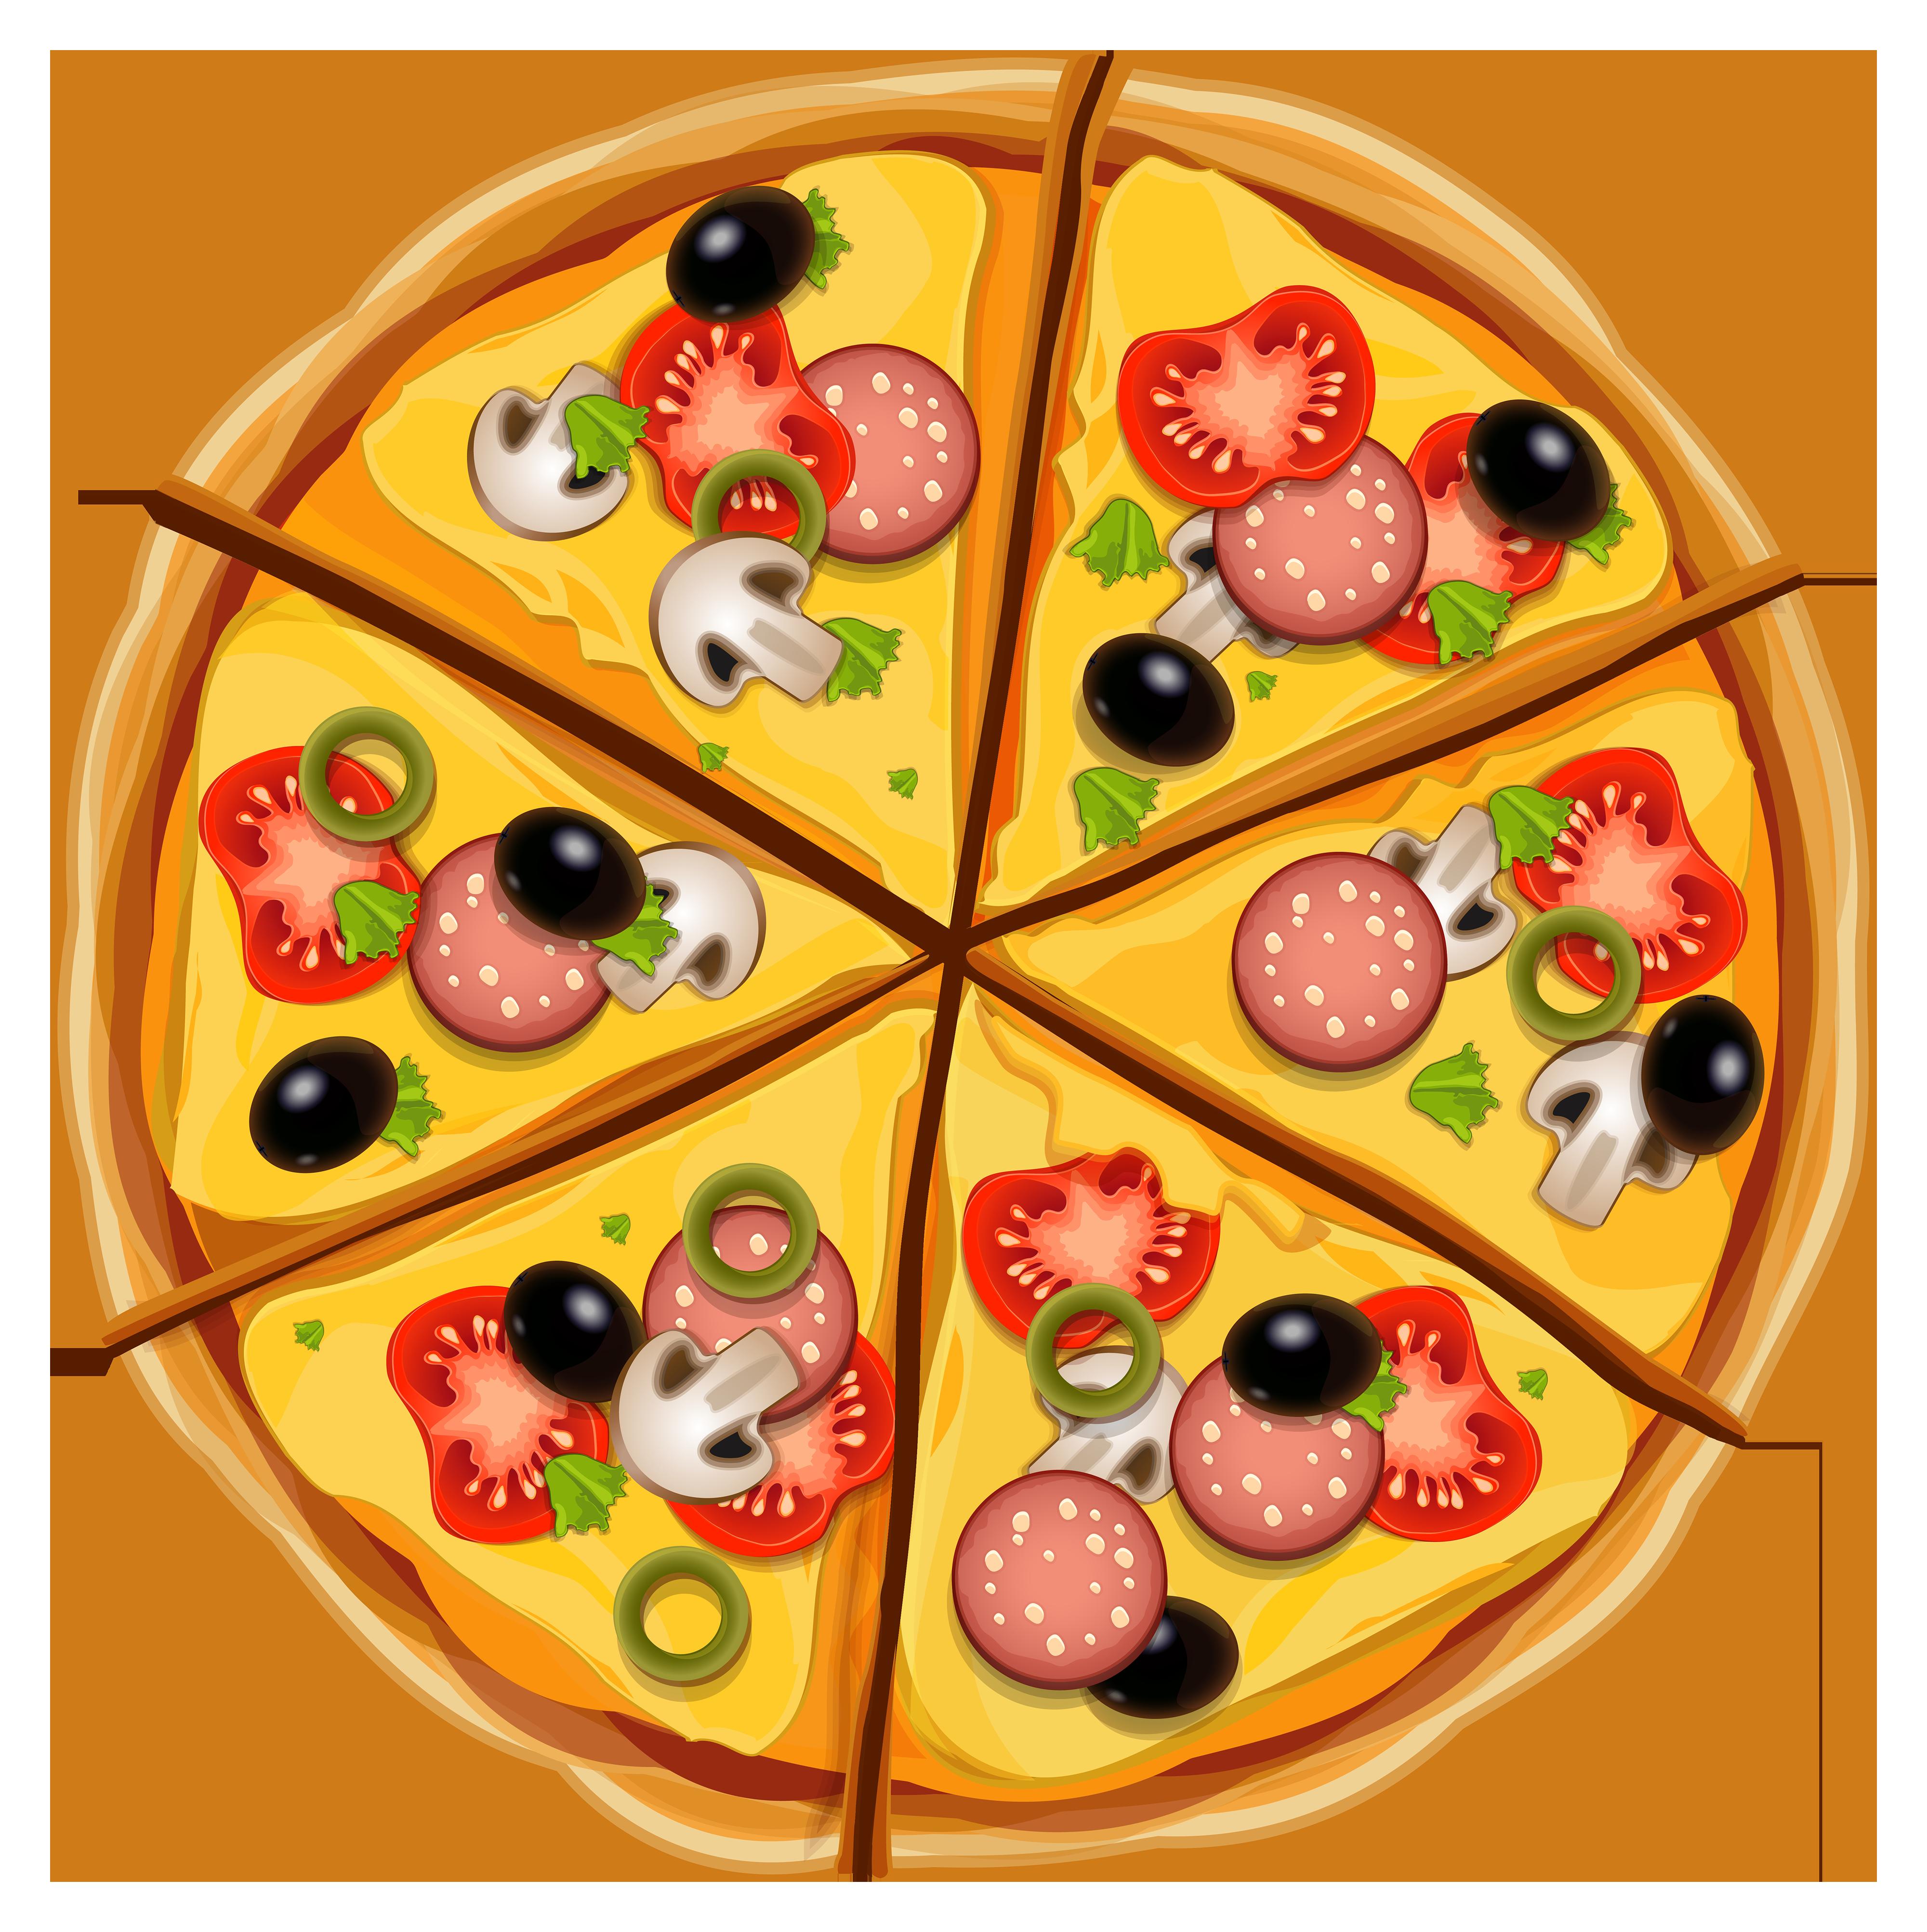 free pizza cliparts  download free clip art  free clip art free clip art rosa parks free clip art rose quartz